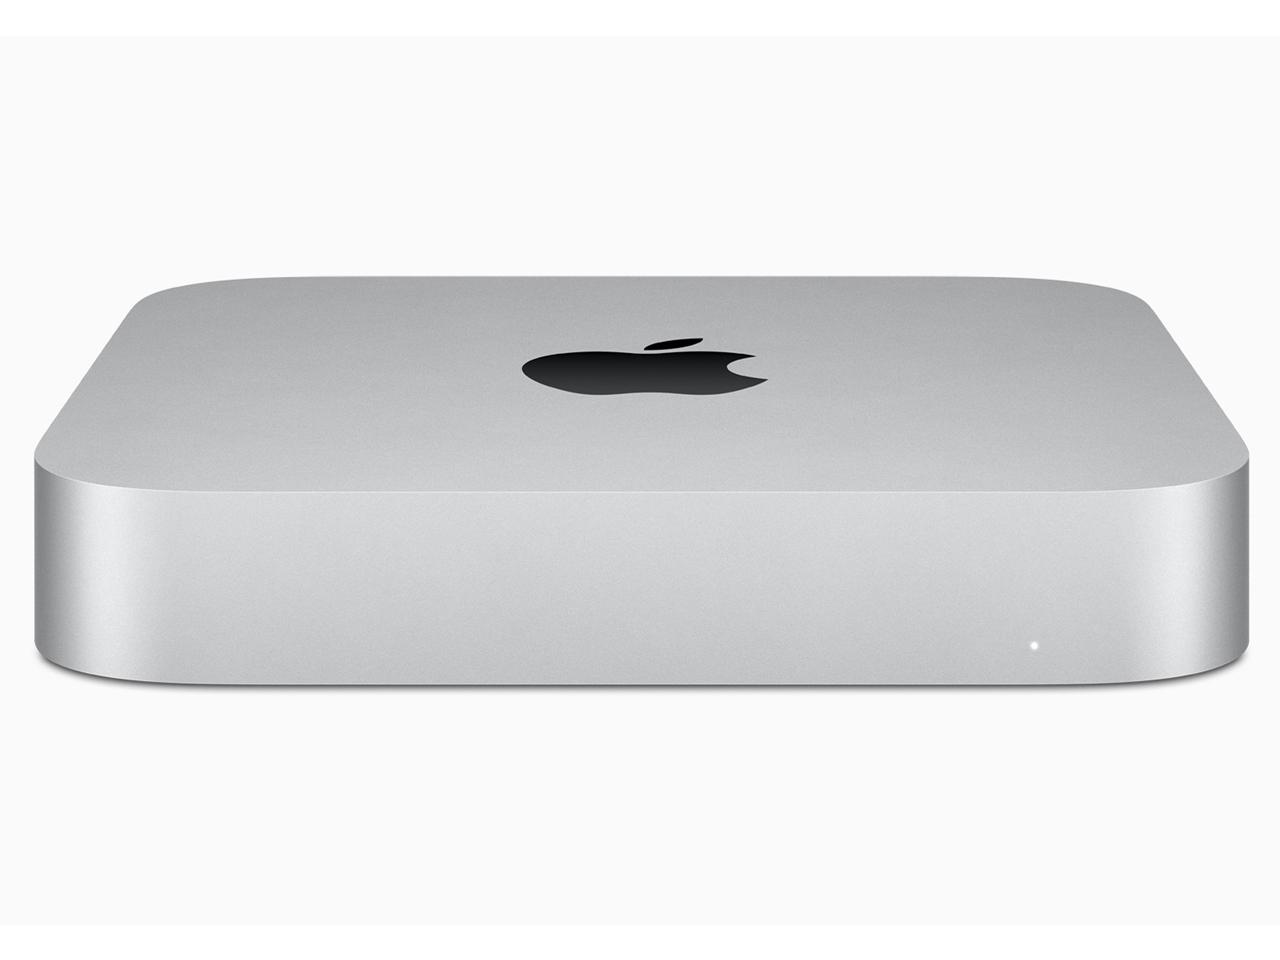 Apple Mac mini MGNT3J/A [シルバー]買取画像